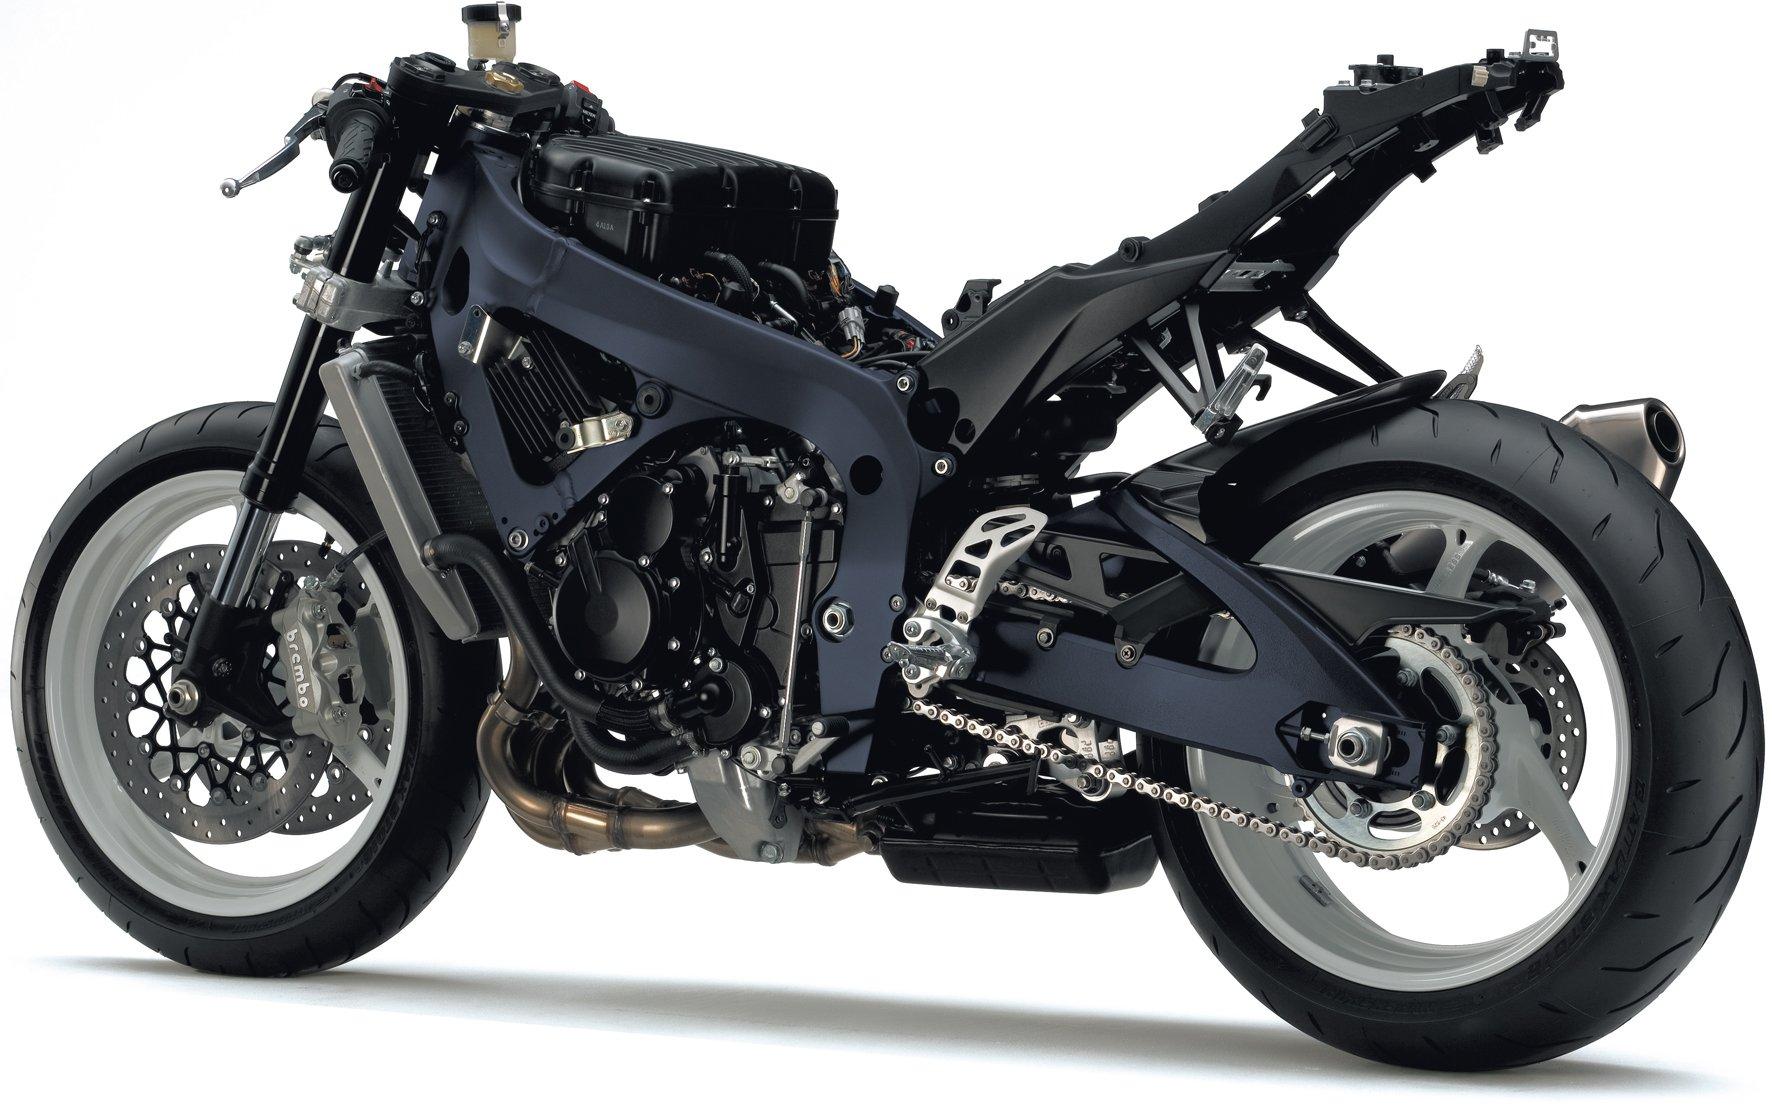 suzuki modelle motorrad motorrad hofmann 67547 worms mainzerstr 7 9 suzuki yamaha. Black Bedroom Furniture Sets. Home Design Ideas